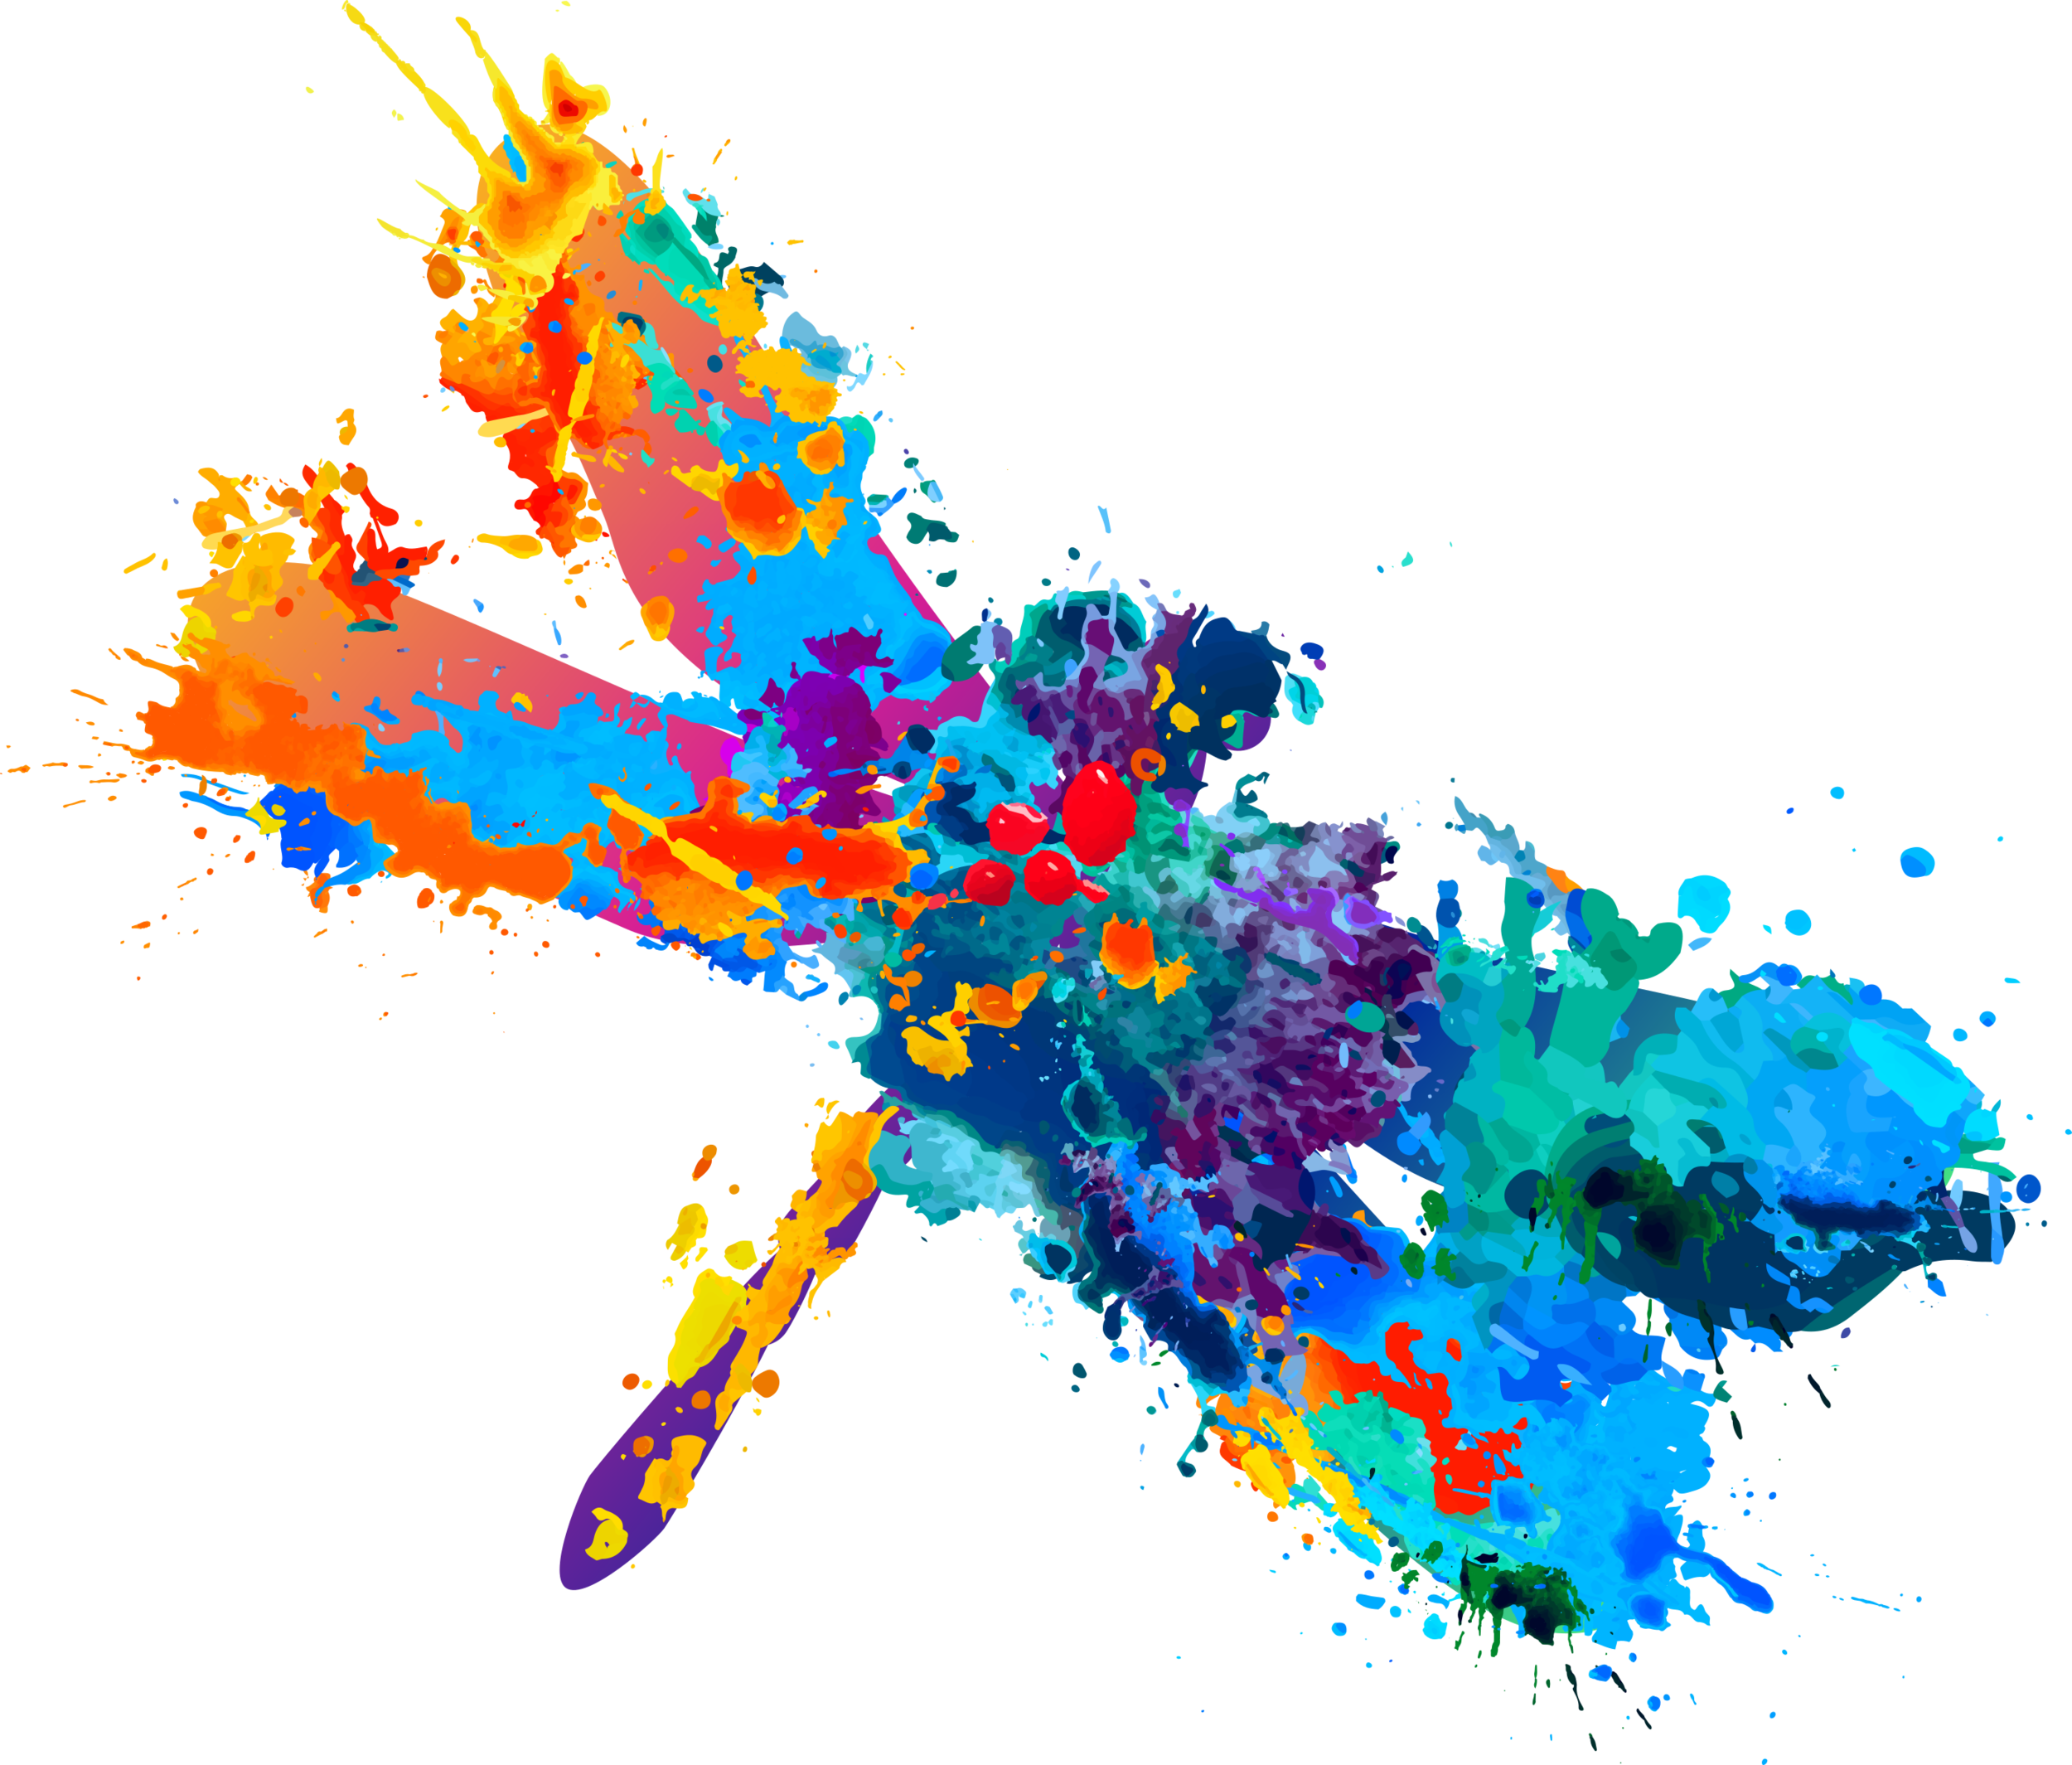 colorfuldragonflai.png